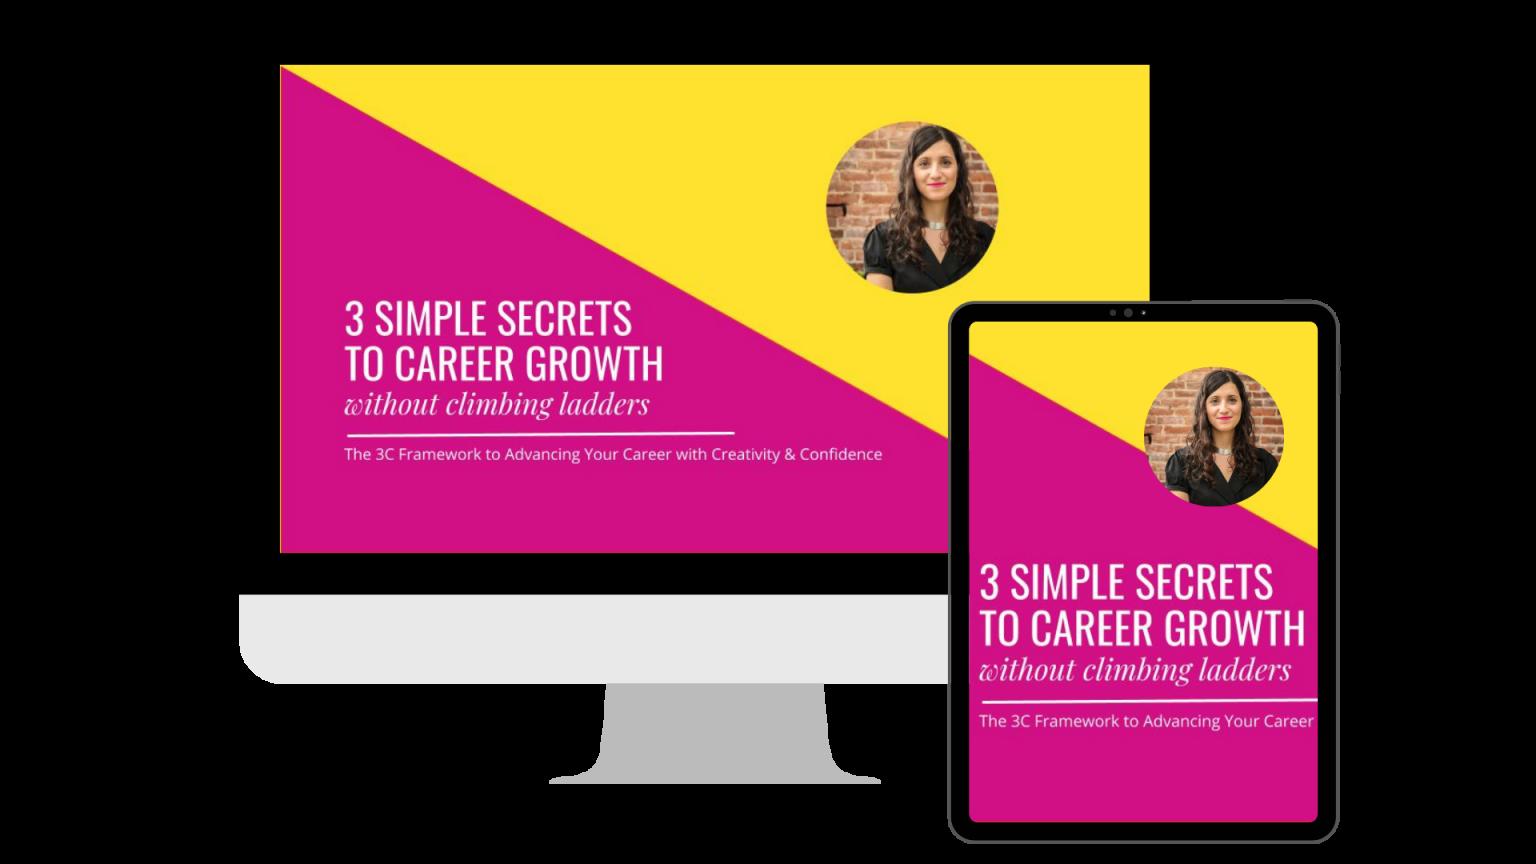 creative career growth, creative career blueprint, secrets to career growth